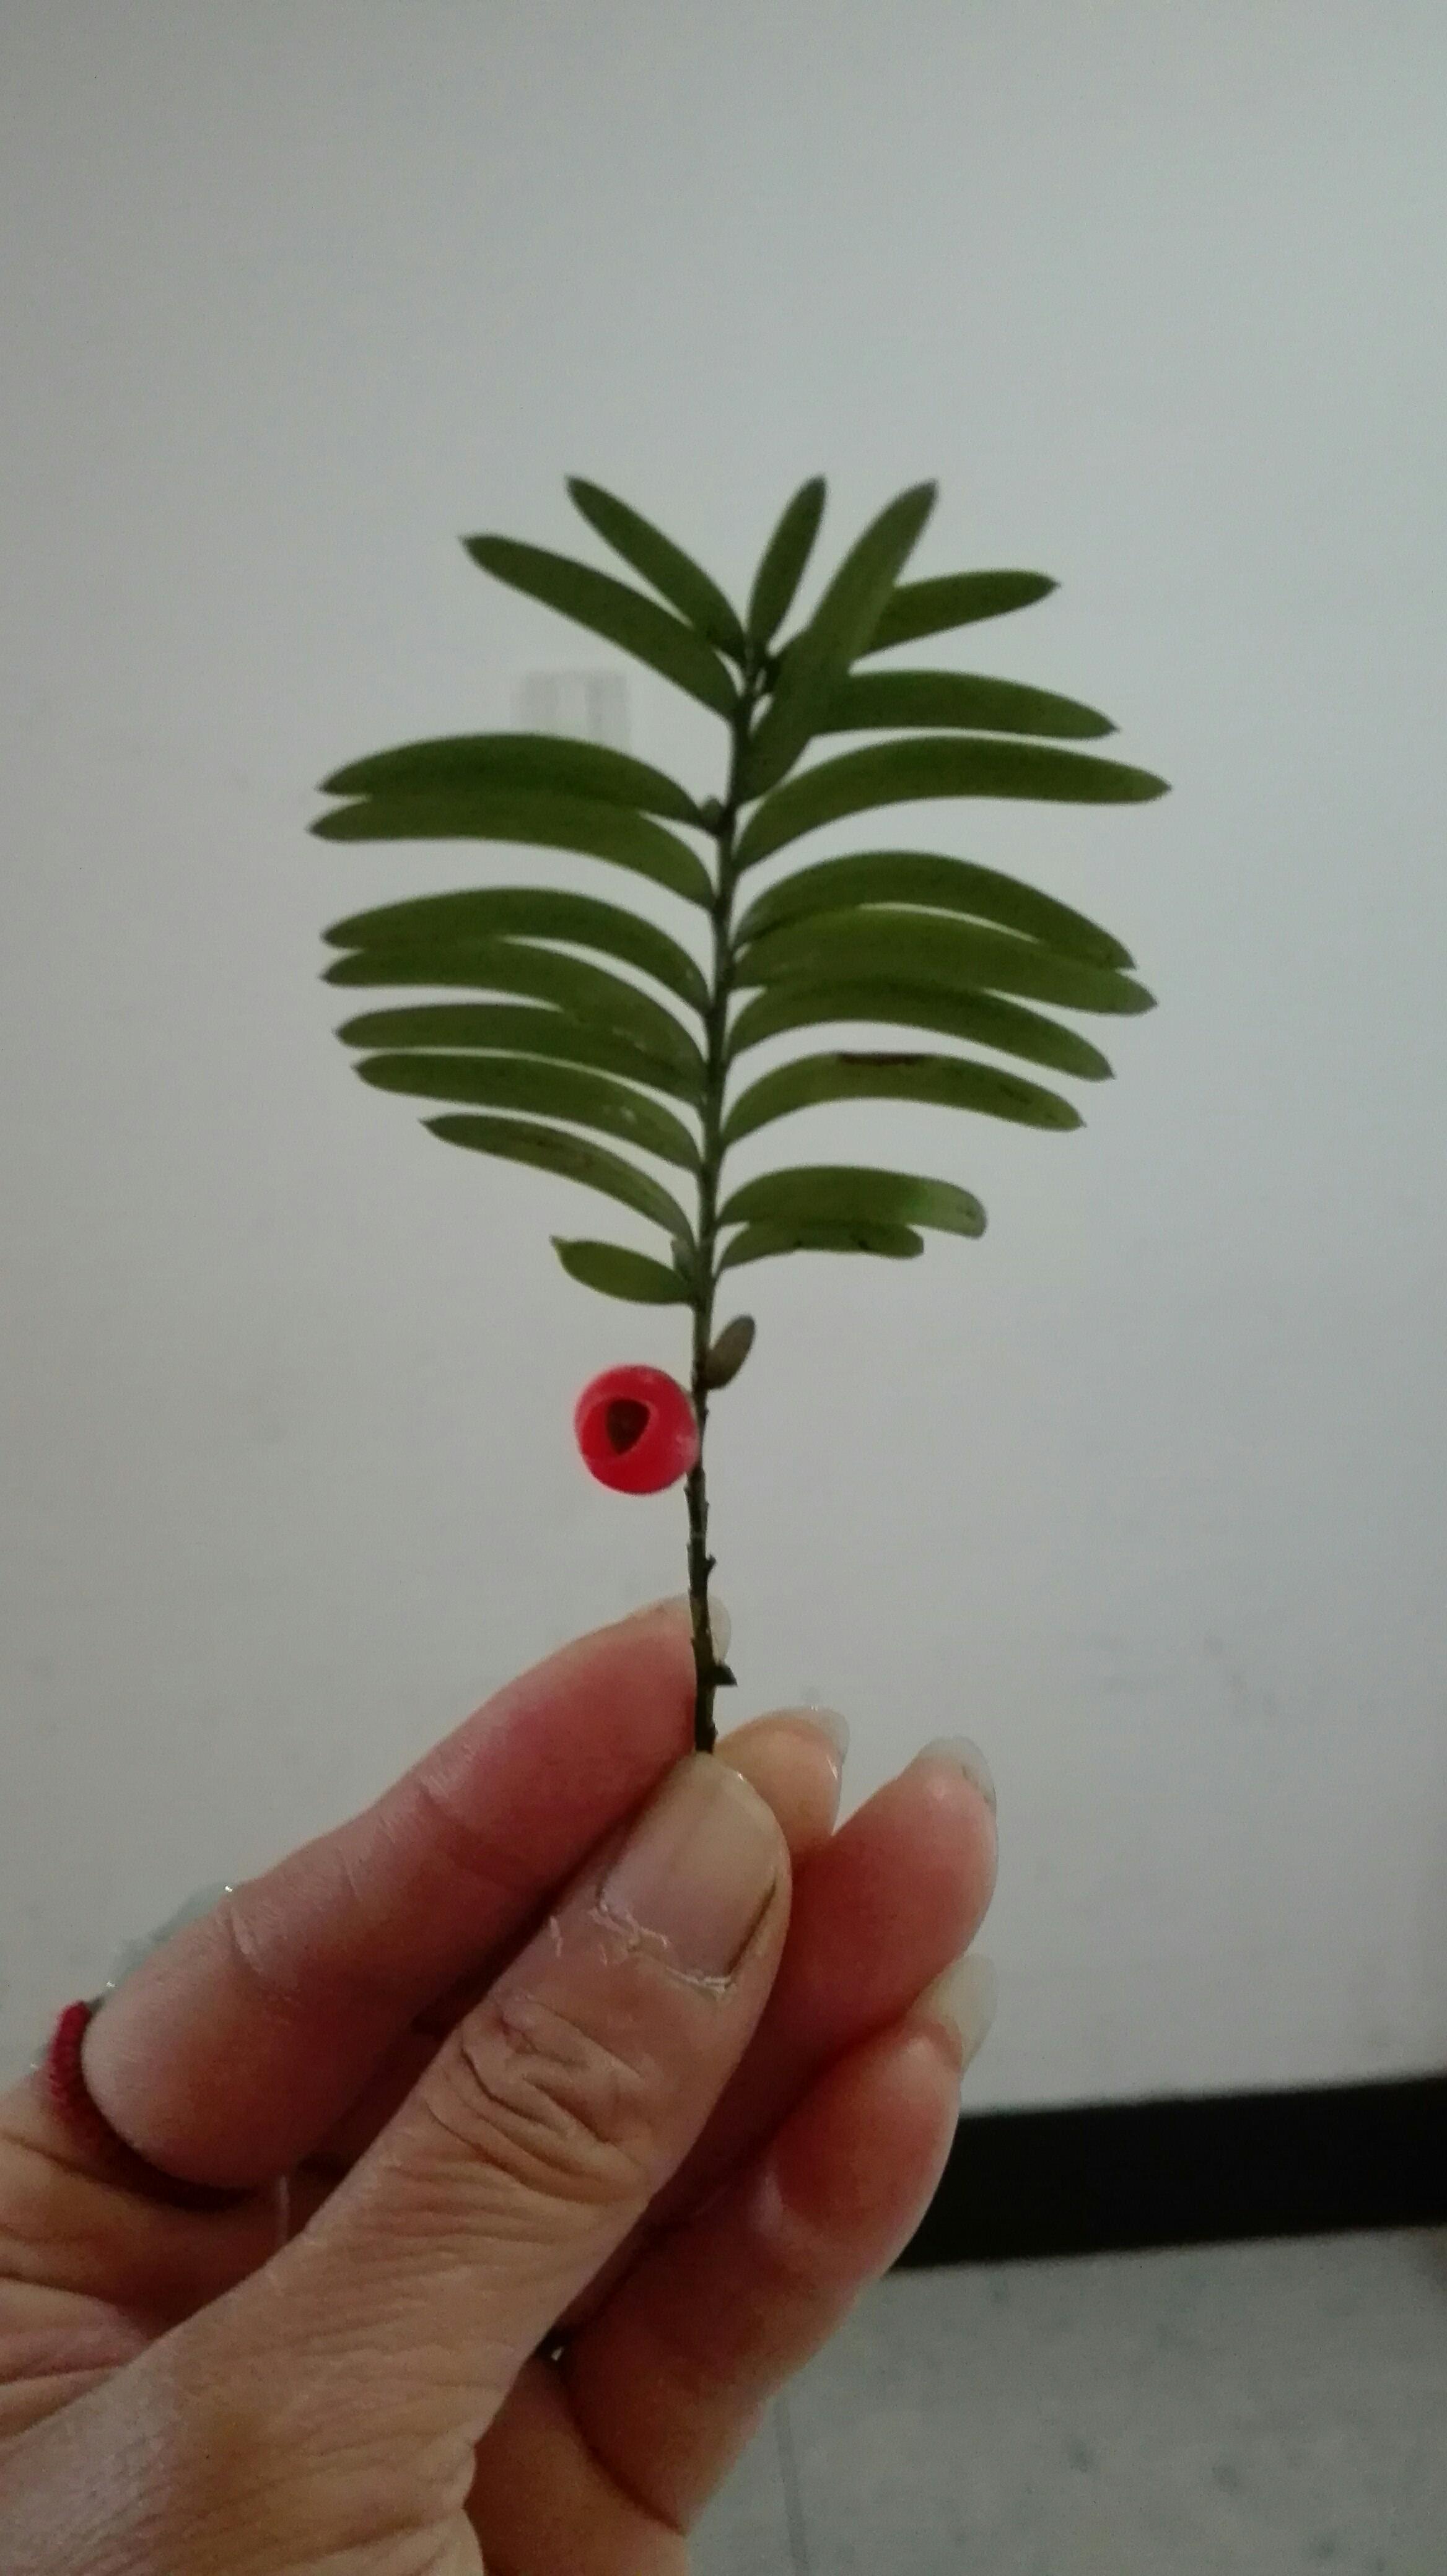 植物红豆简笔画